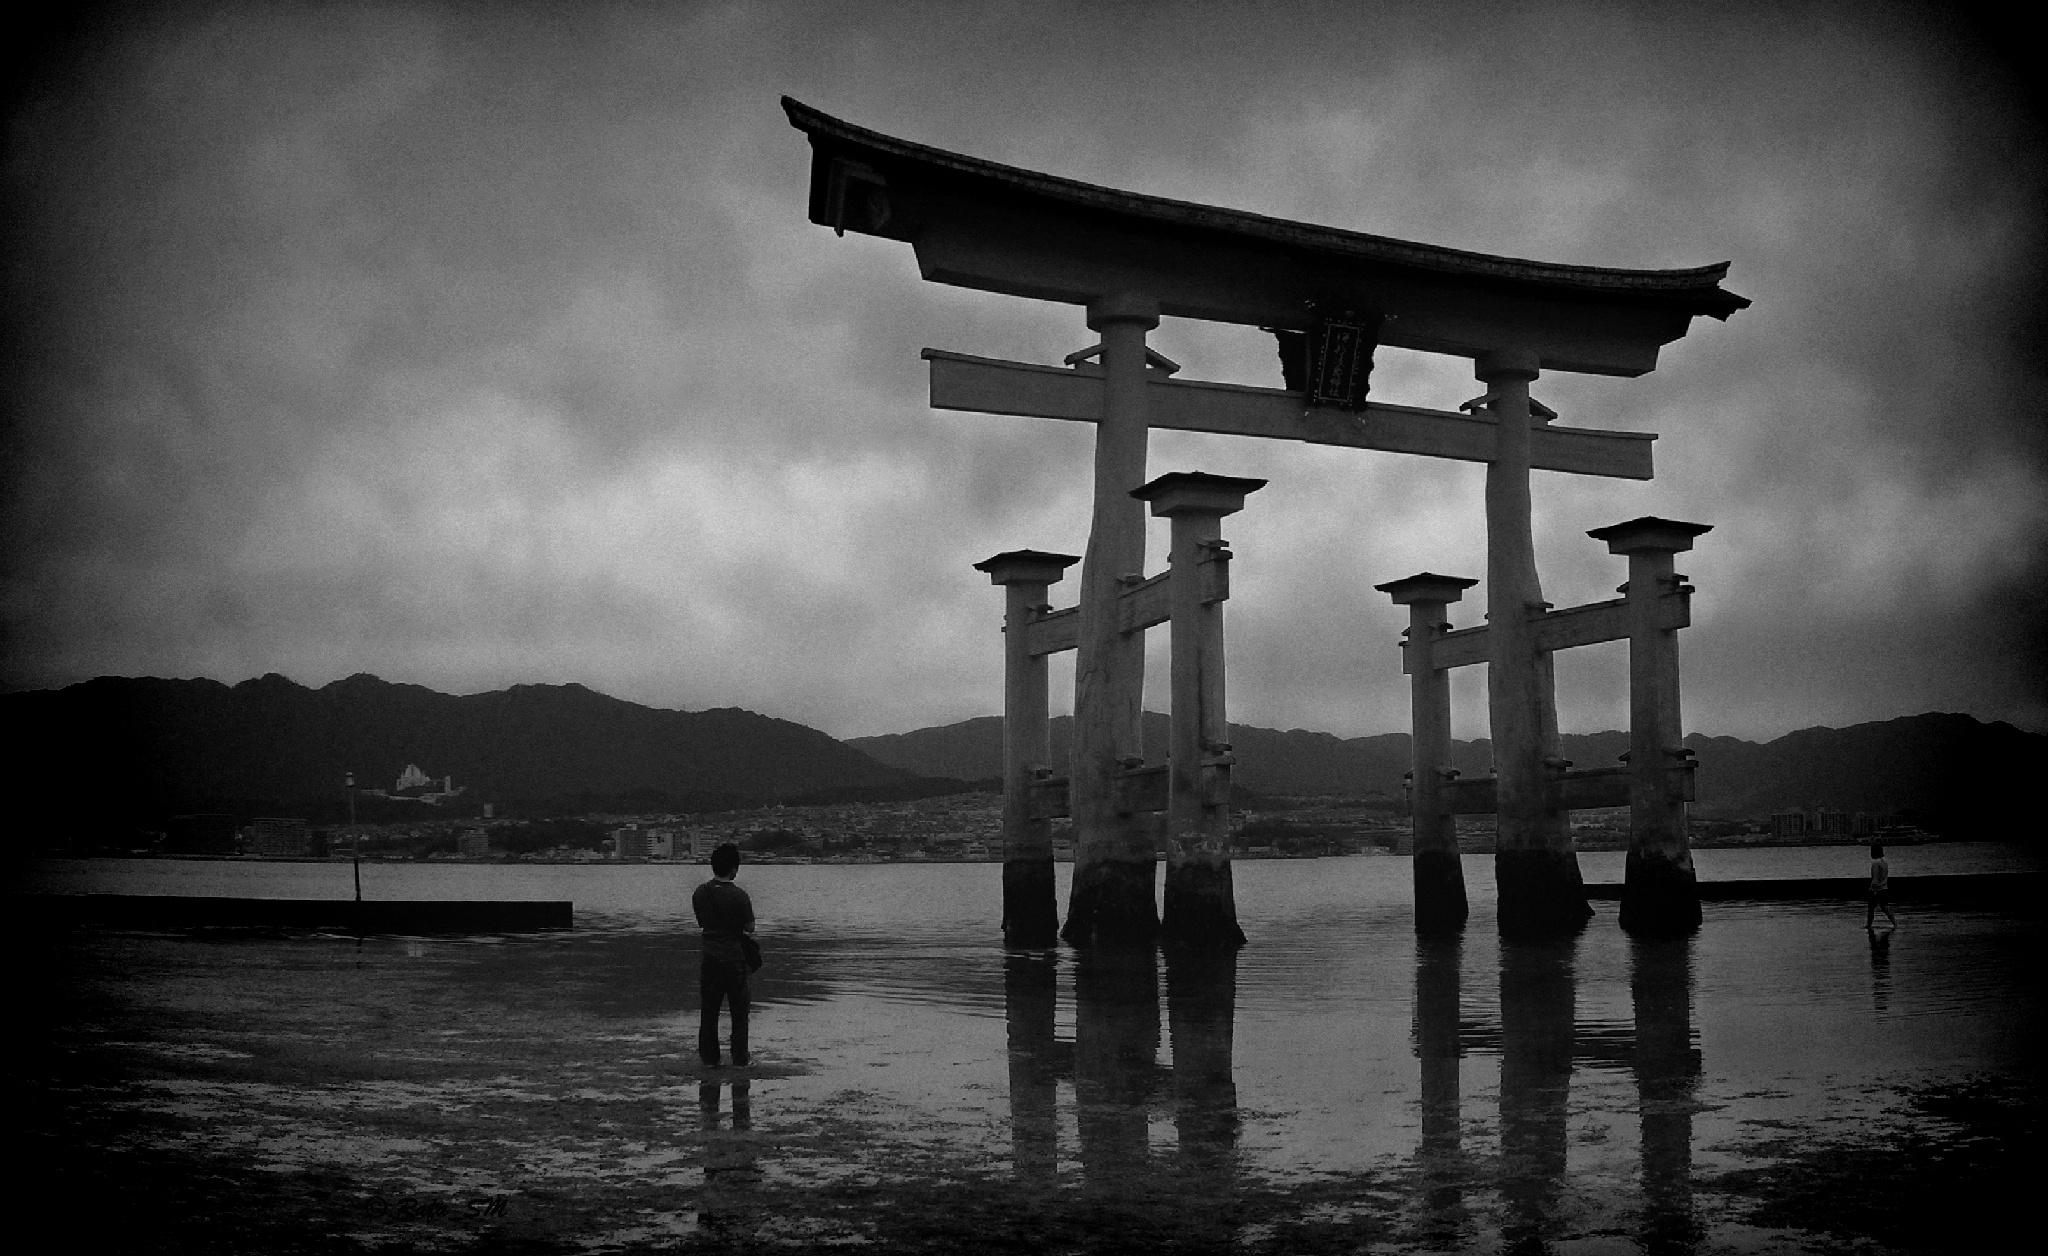 Itsukushima Shrine by RafaelSM